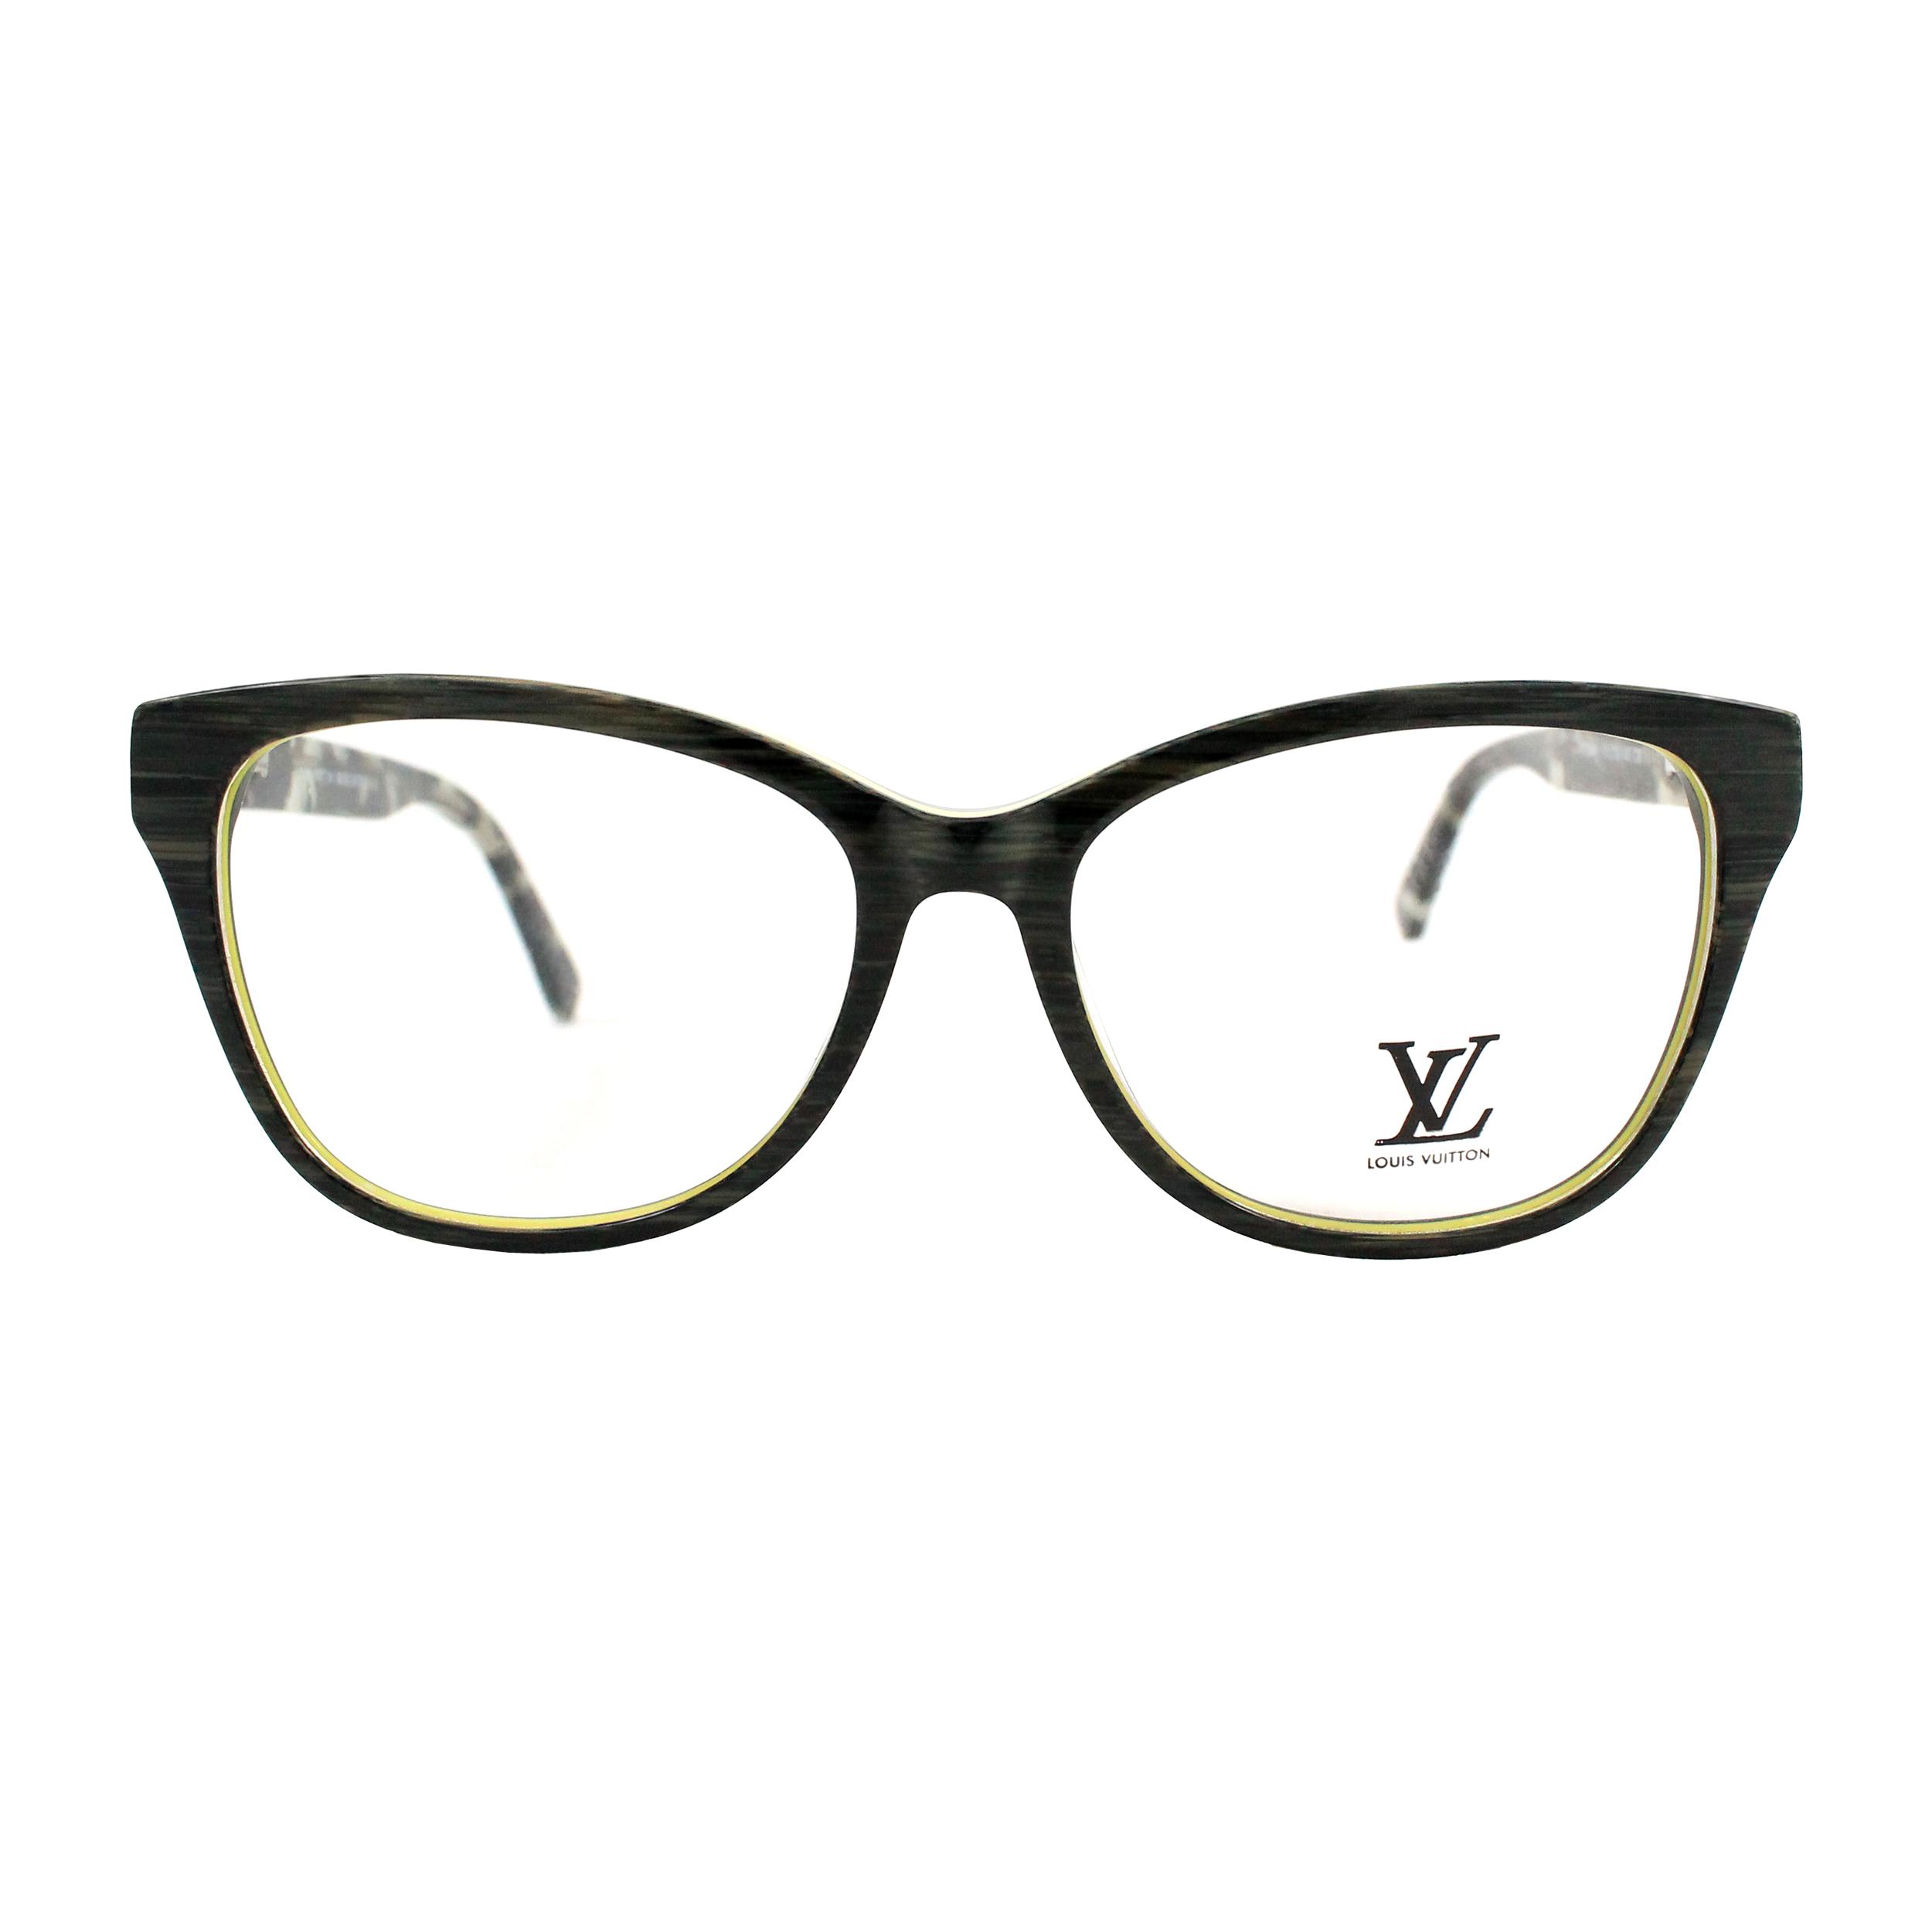 فریم عینک طبی مدل W_0465